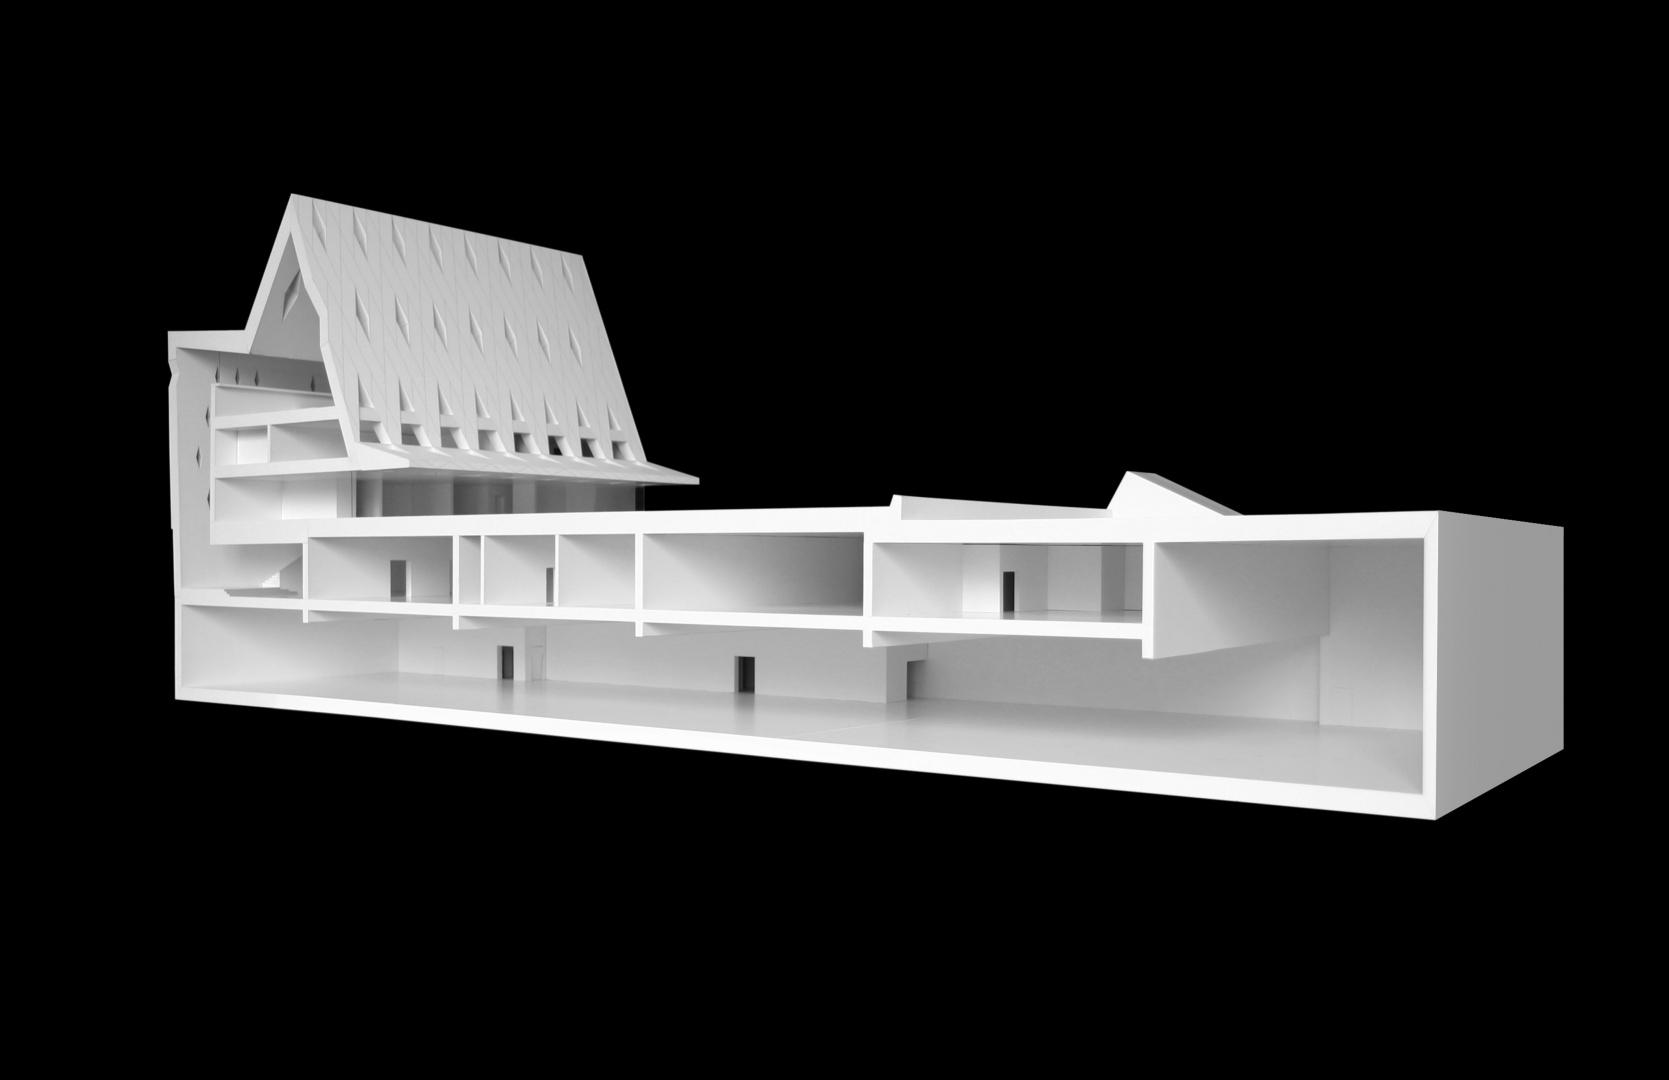 Modell © Graber Pulver Architekten Zürich/Bern